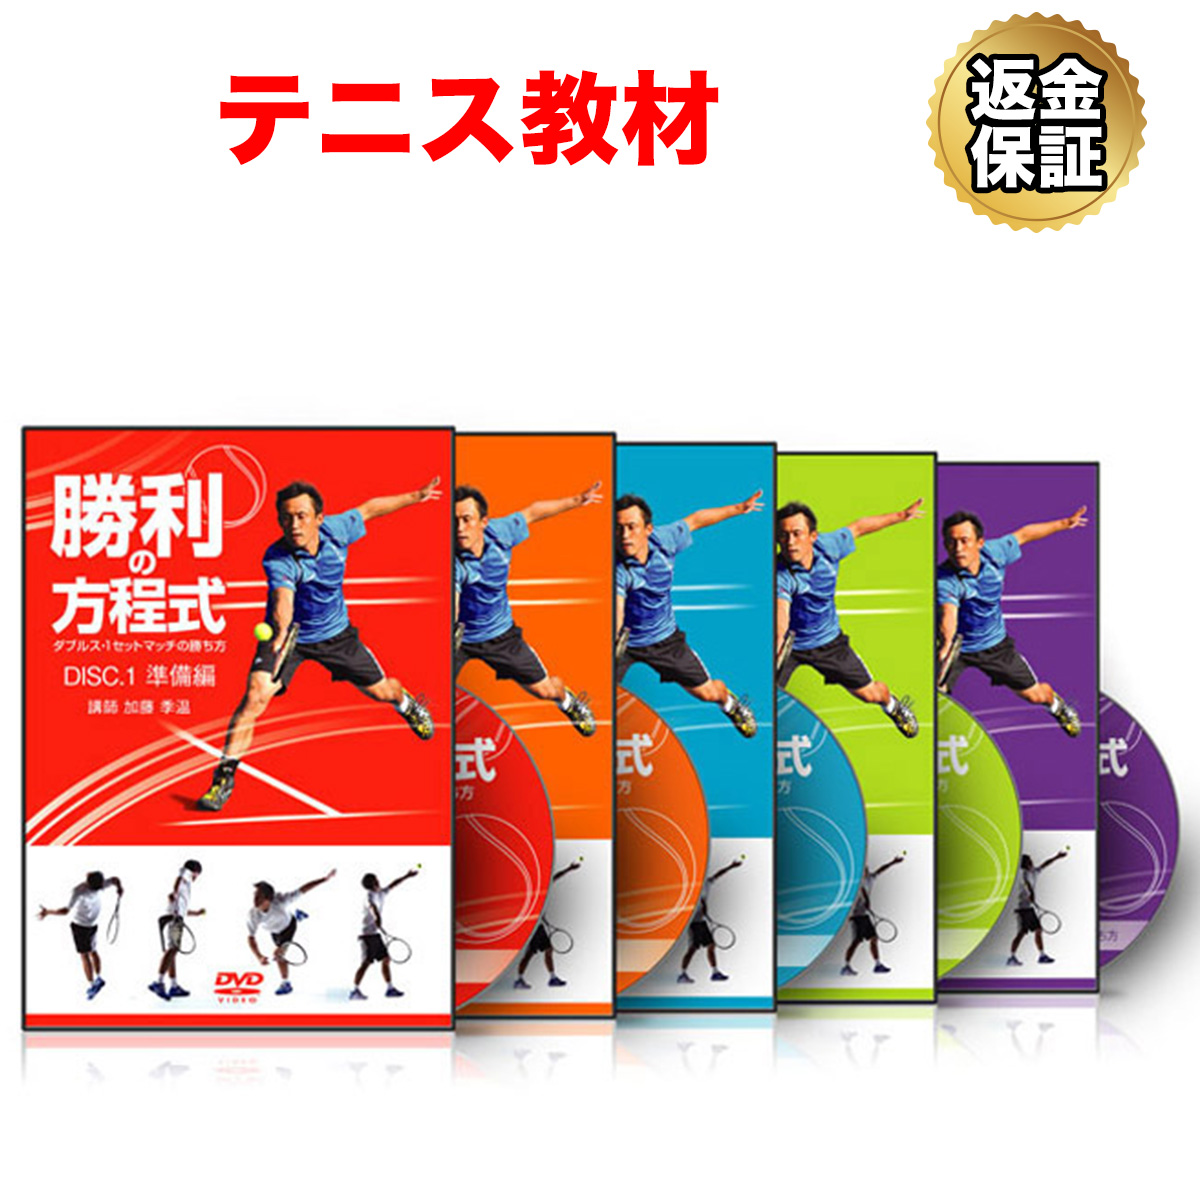 【テニス】勝利の方程式~ダブルス・1セットマッチの勝ち方~